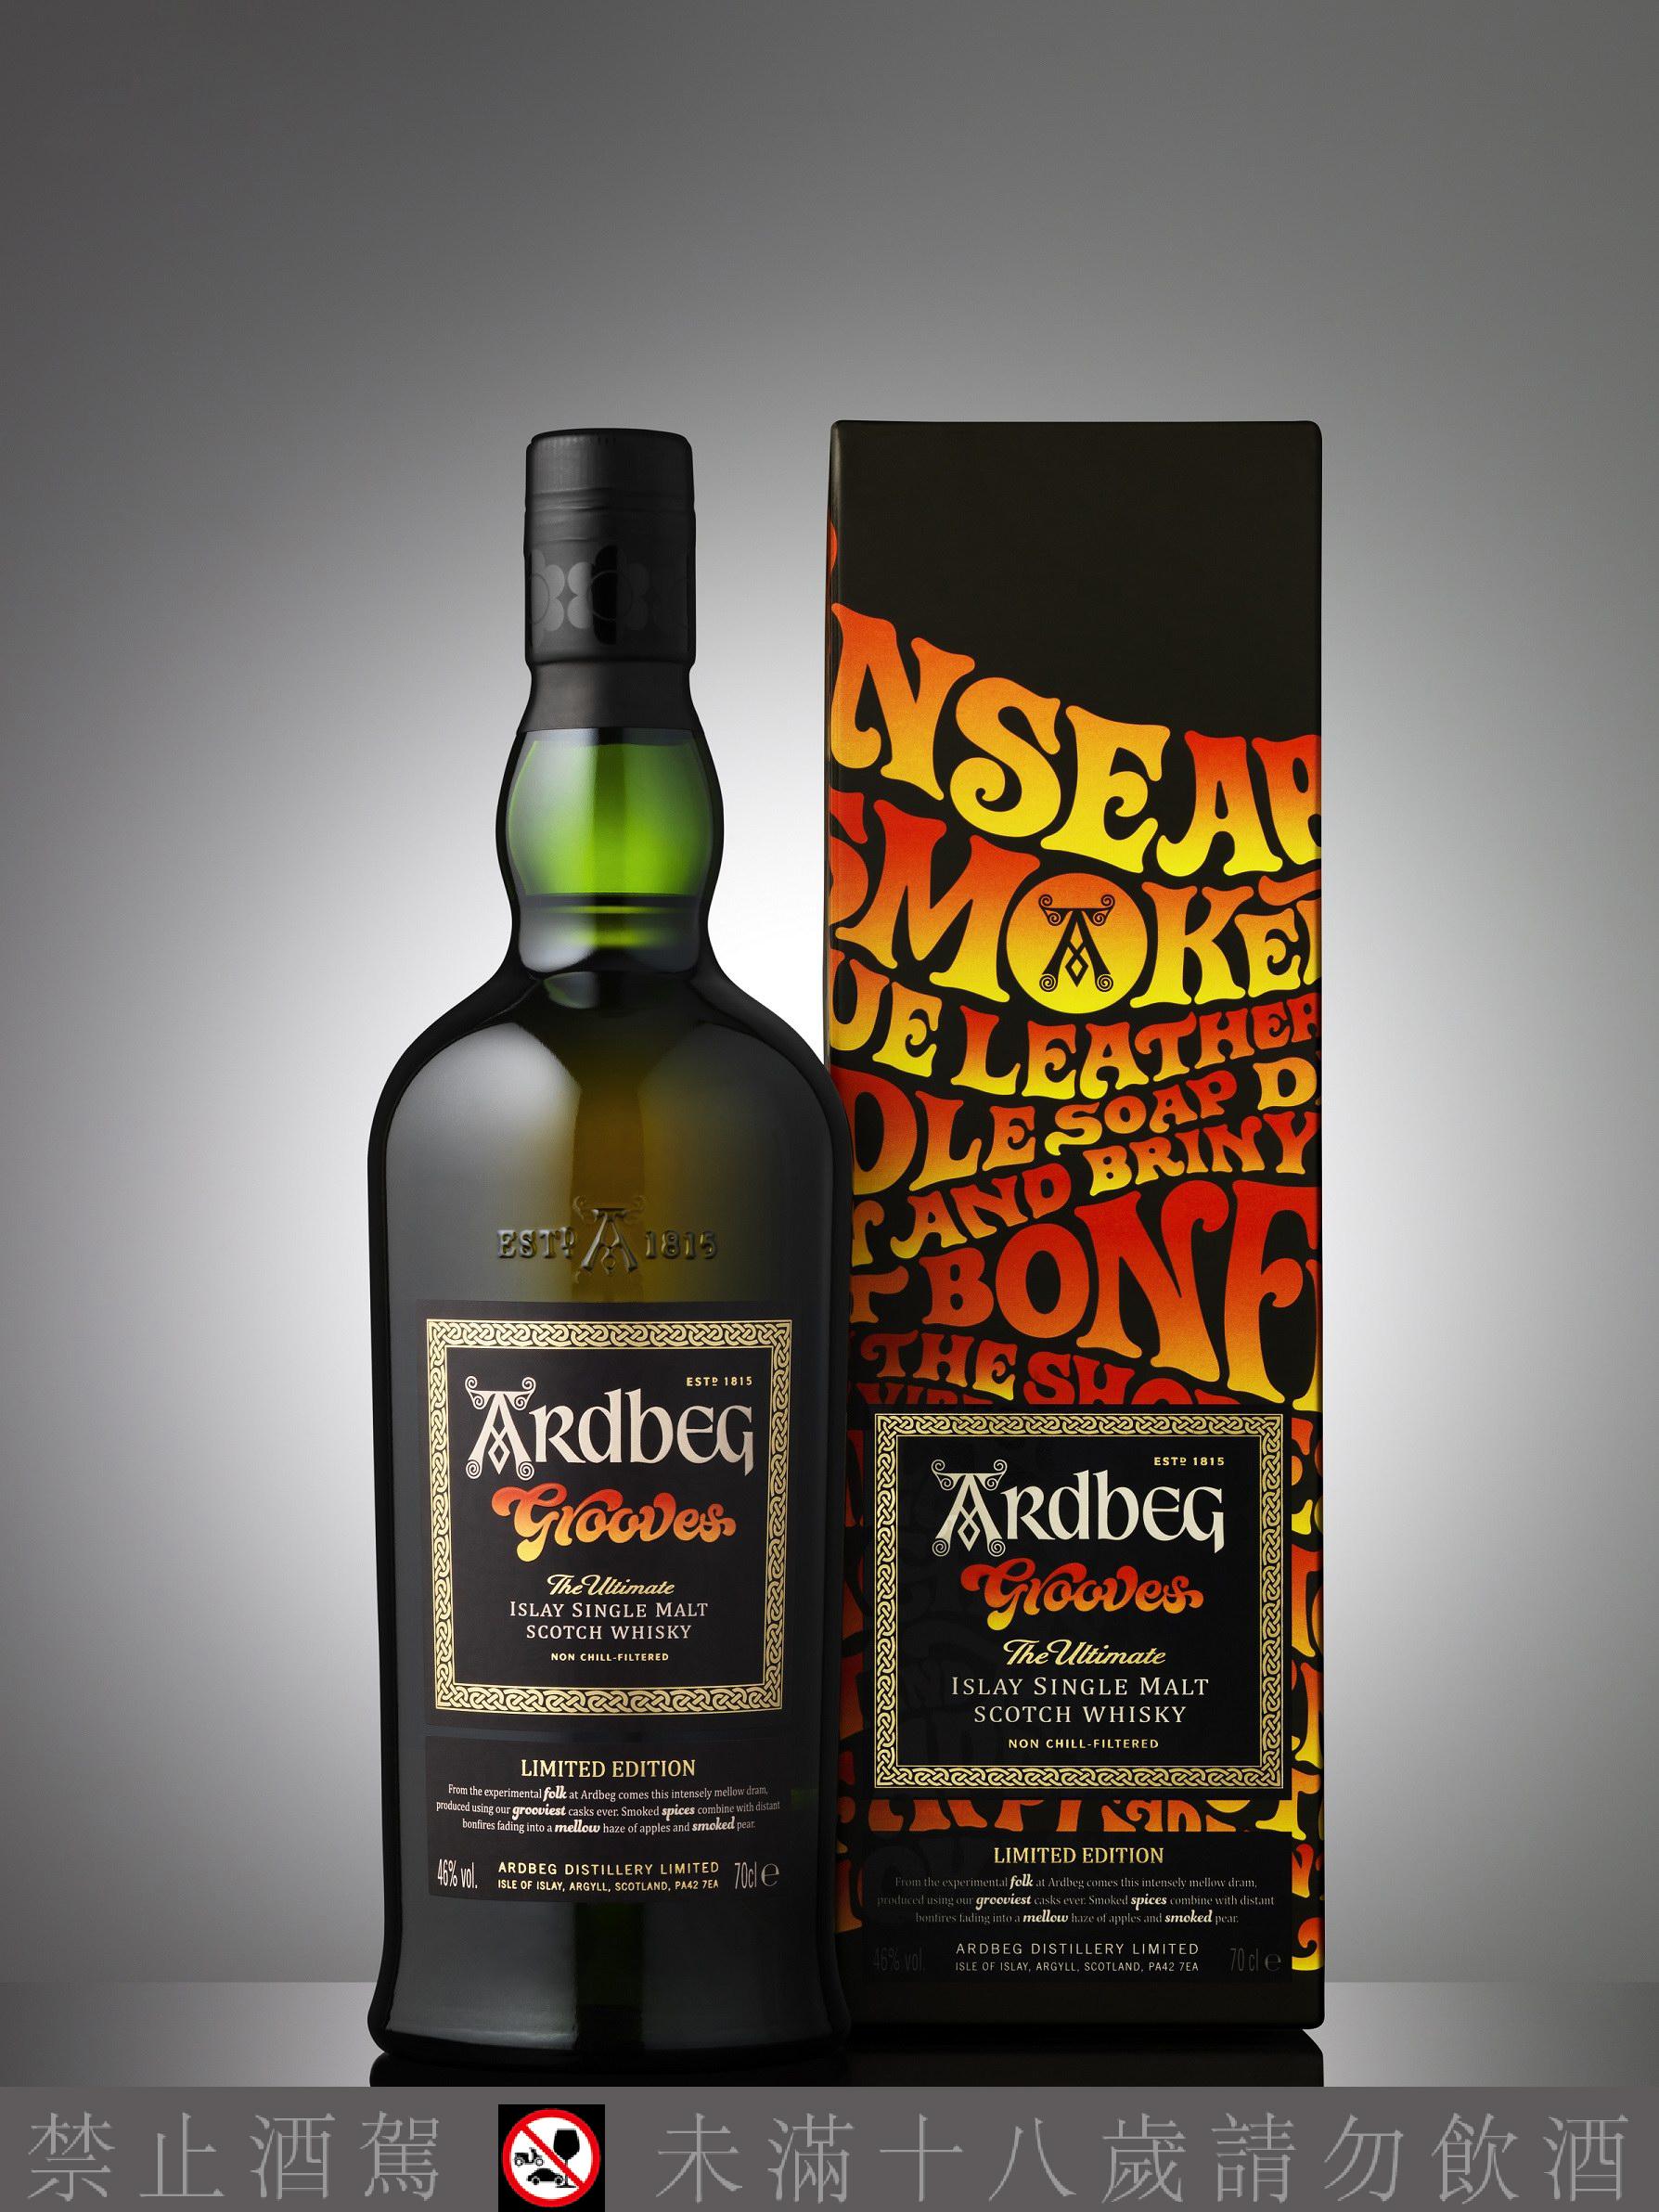 年度限量版Ardbeg Grooves 以泥煤與愛 Peat & Love的單一麥芽威士忌